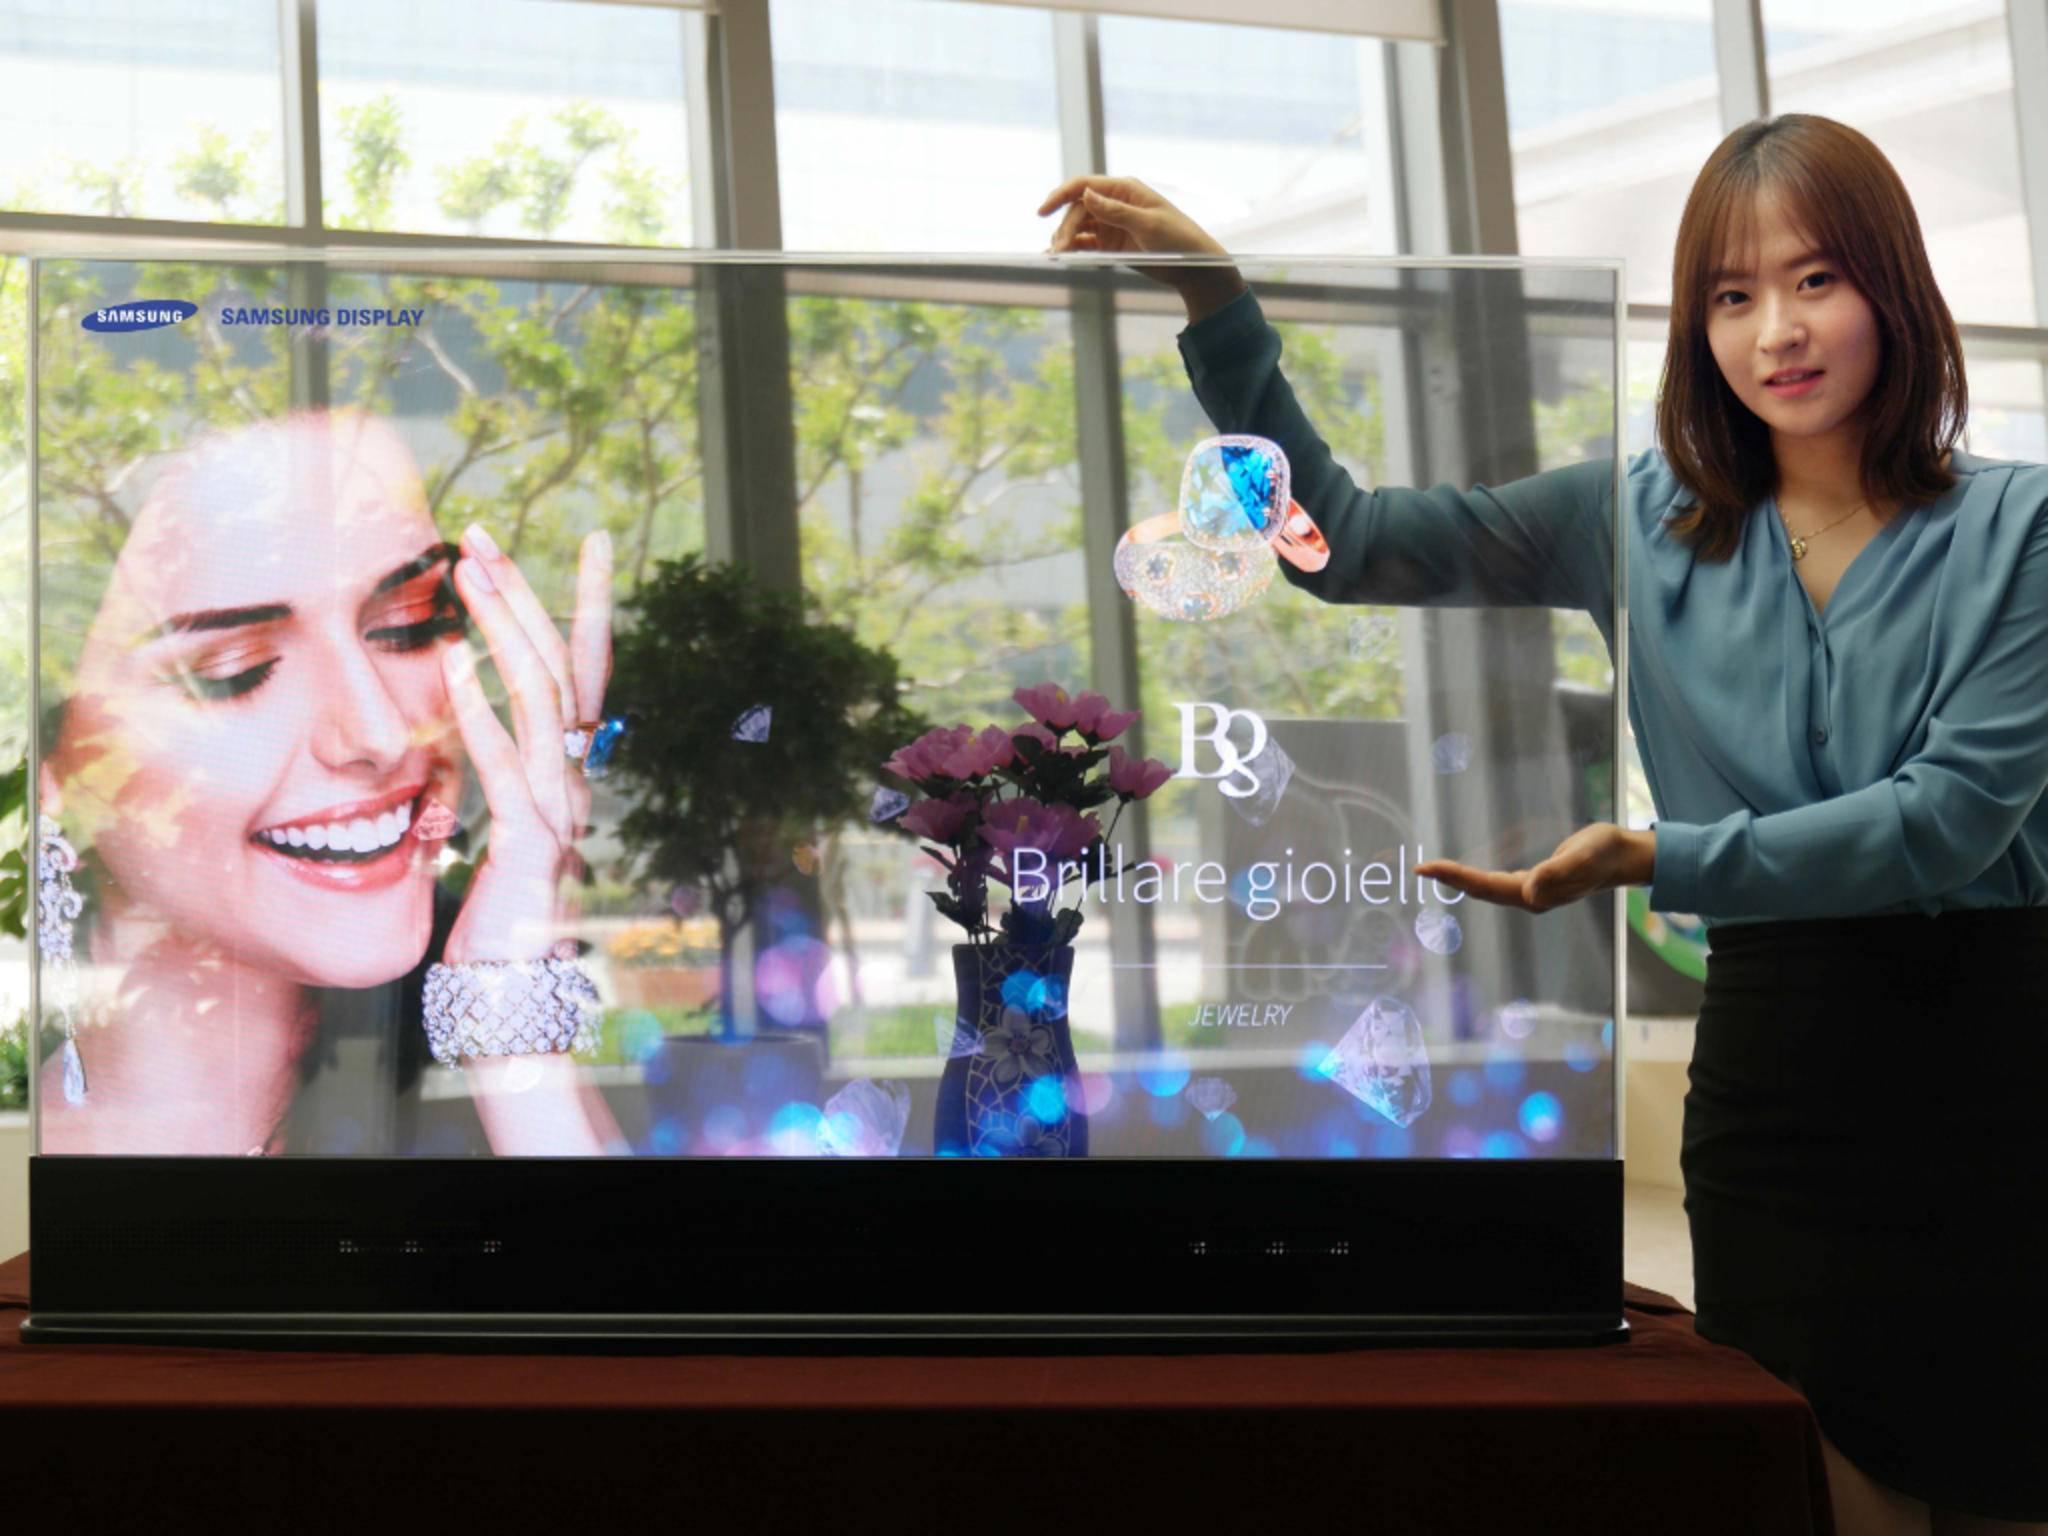 Transparenter Fernseher gefällig? Samsung gibt schonmal einen Ausblick.